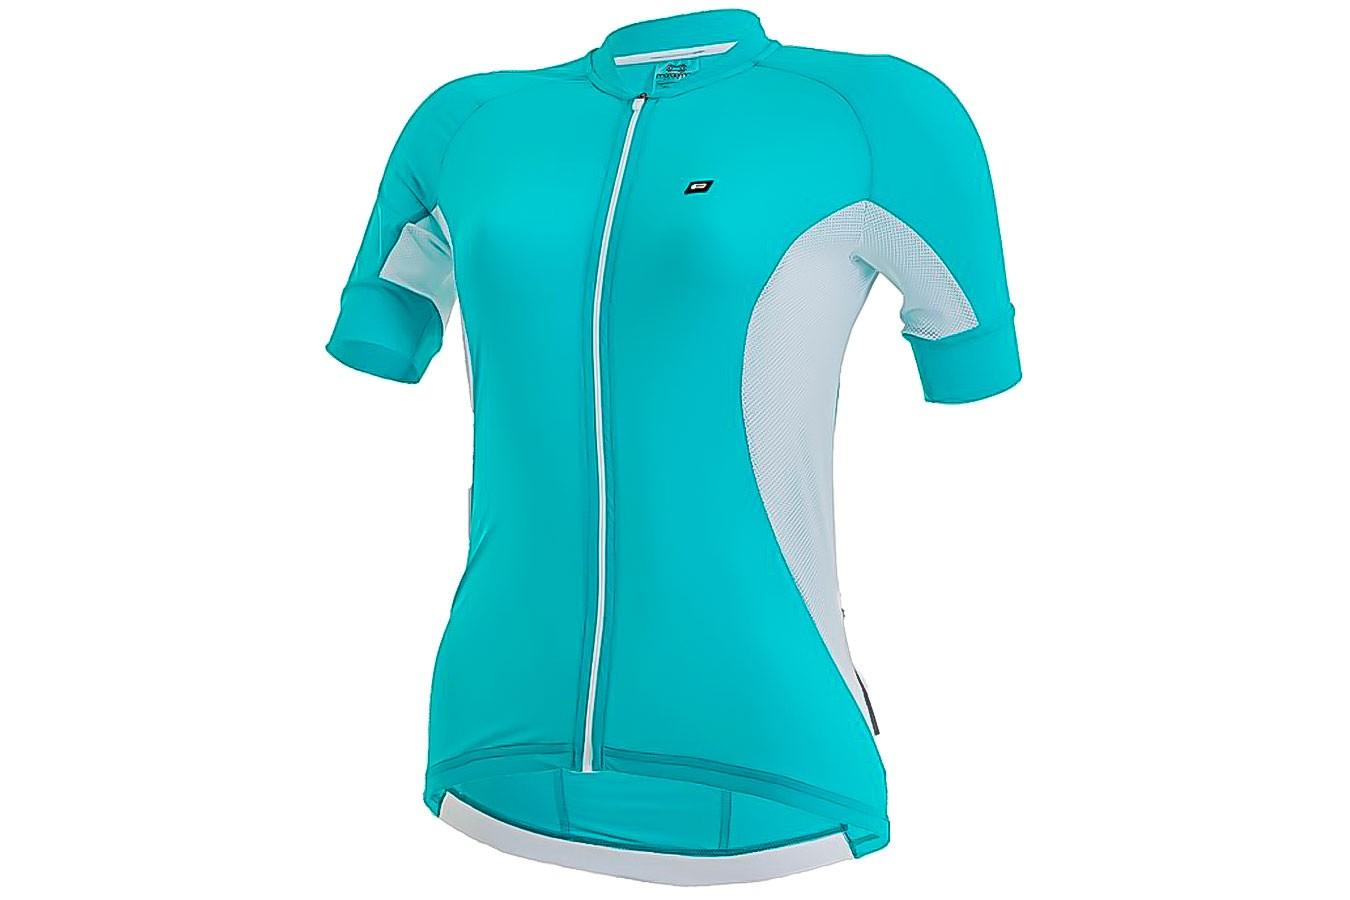 Camisa para Ciclista Feminina Ellegance - Márcio May